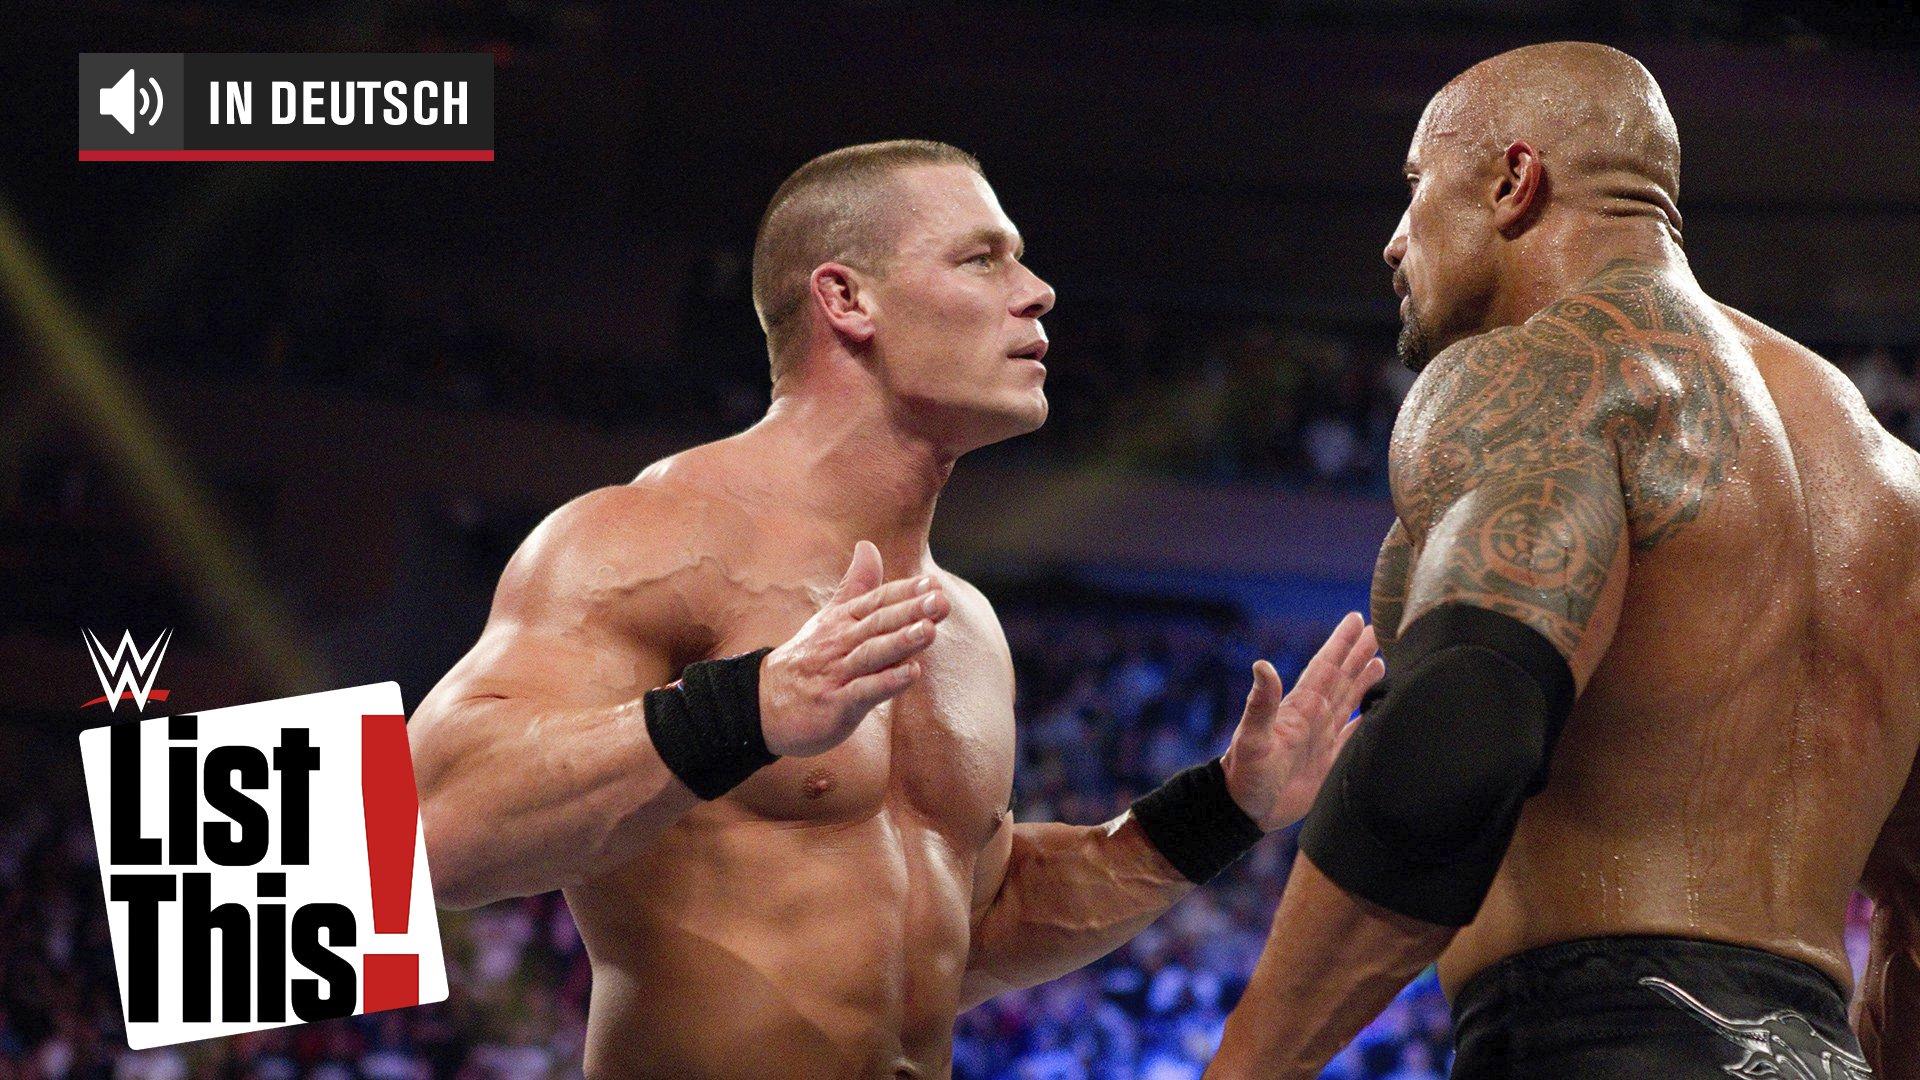 Die 5 coolsten Teams in der Survivor Series-Geschichte - WWE List This! (DEUTSCH)